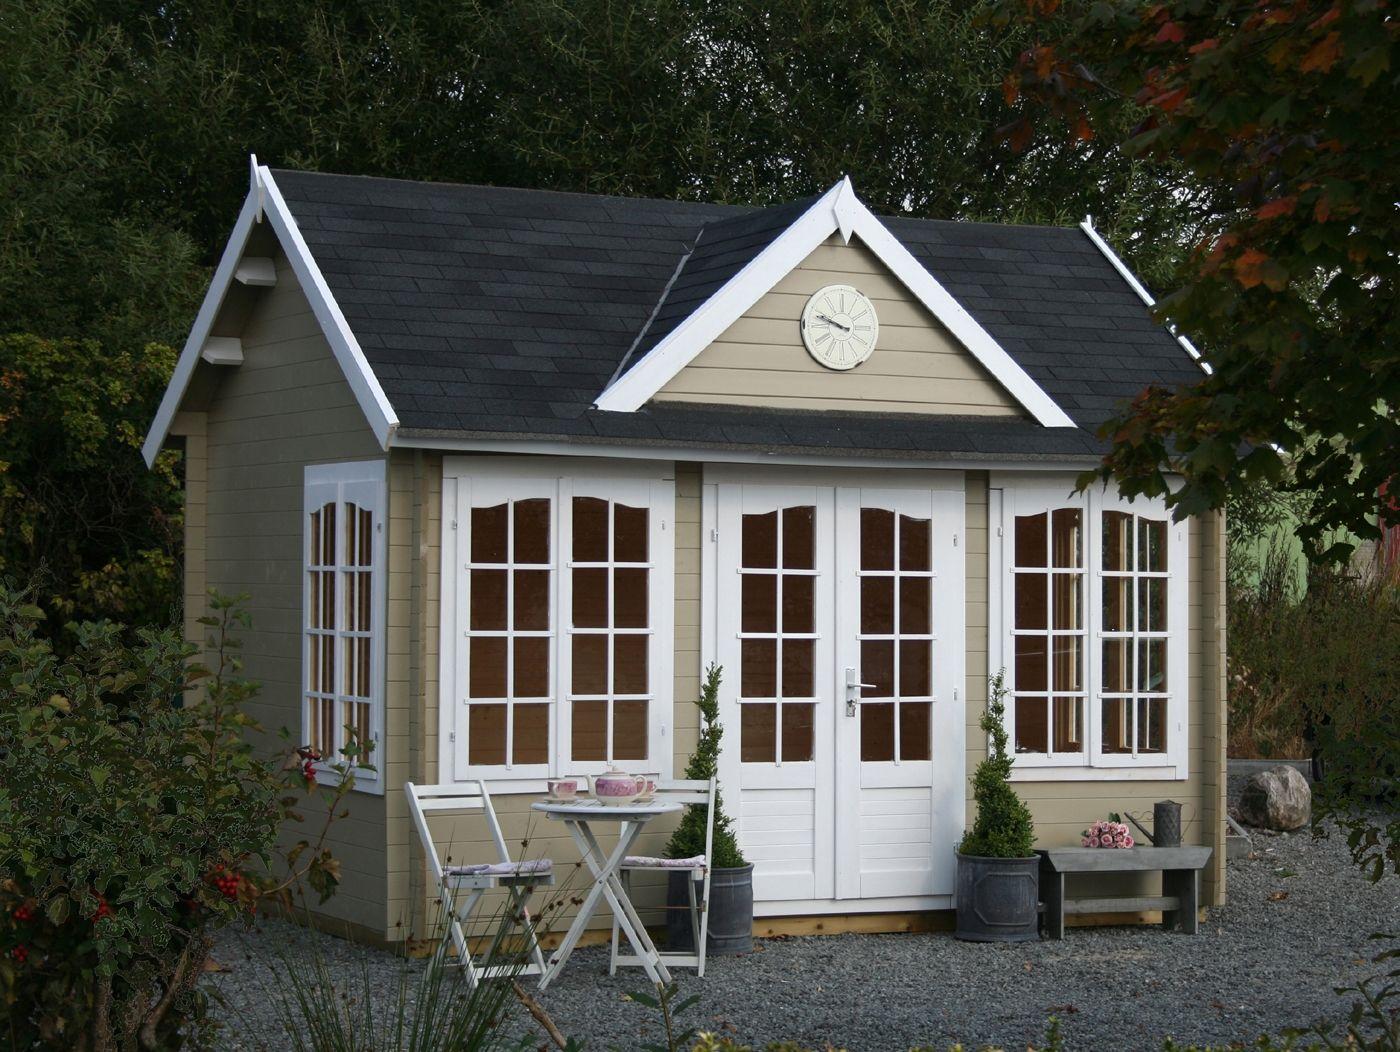 gartenhaus modell linton village hall englische gartenh user pinterest haus gartenhaus. Black Bedroom Furniture Sets. Home Design Ideas